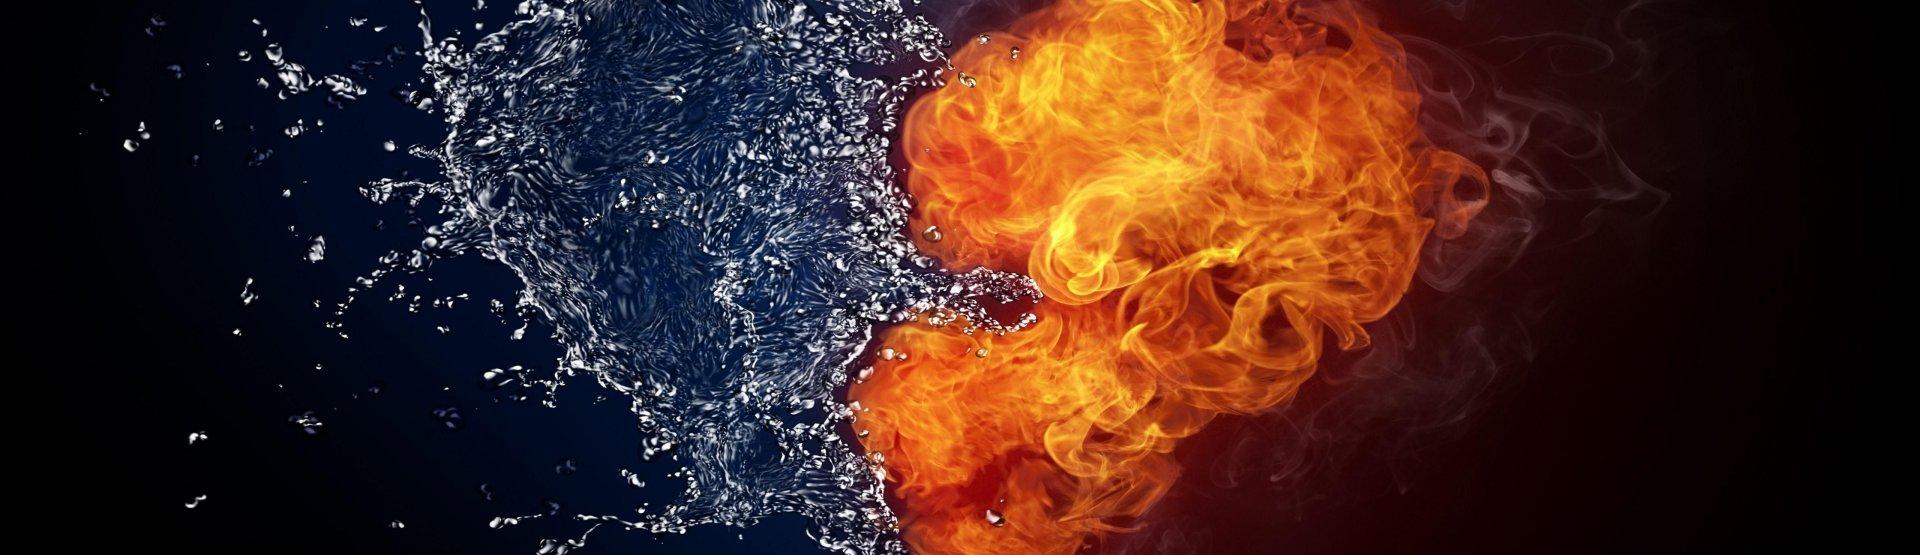 Walentynki 2019 - Ogień i woda